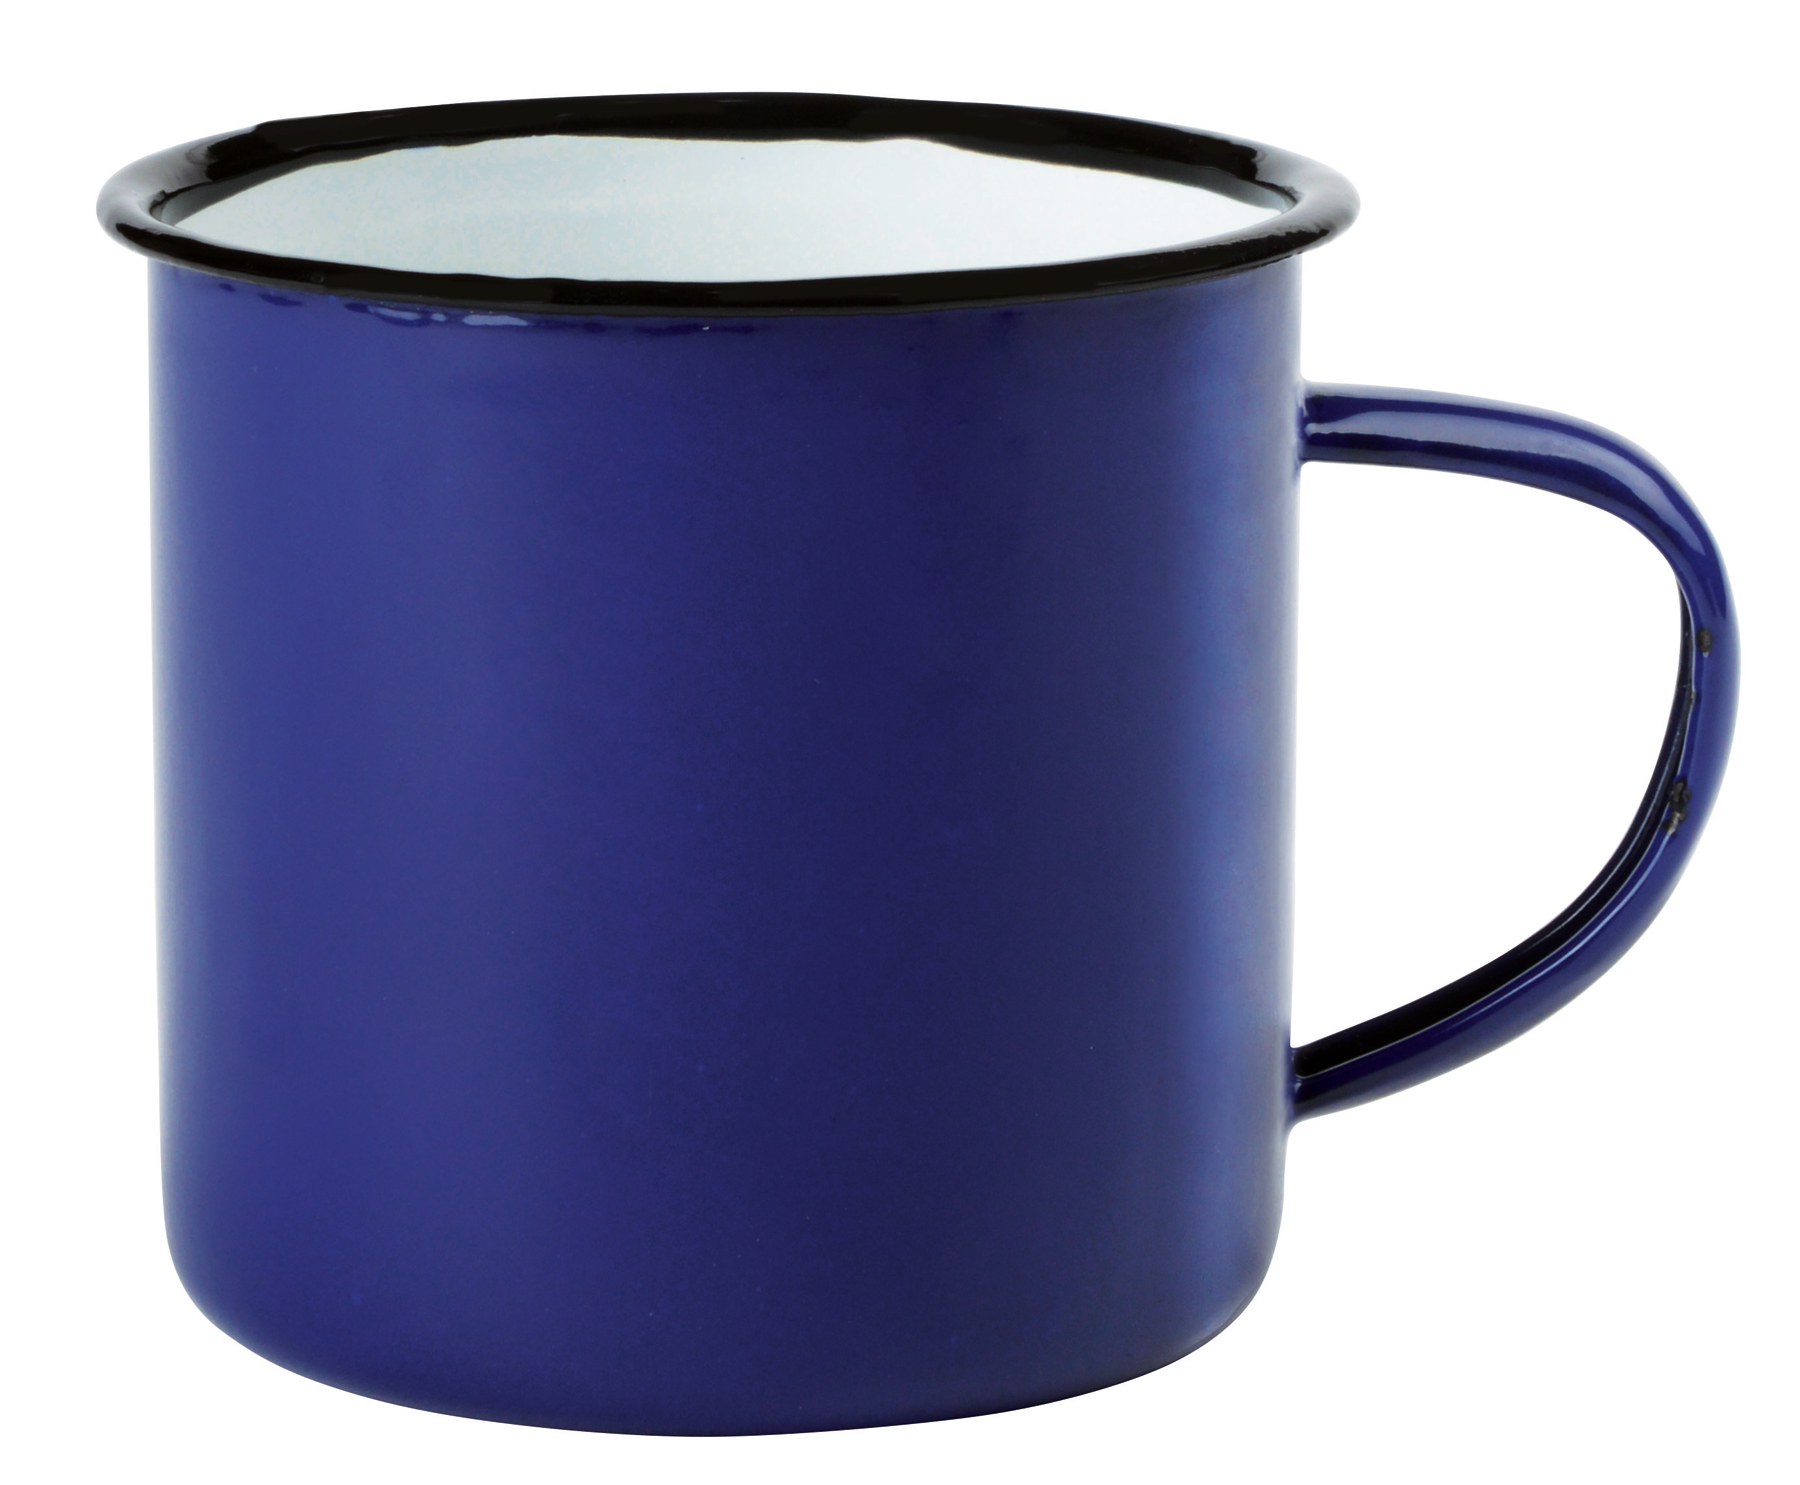 Kubek emaliowany RETRO CUP, biały, niebieski